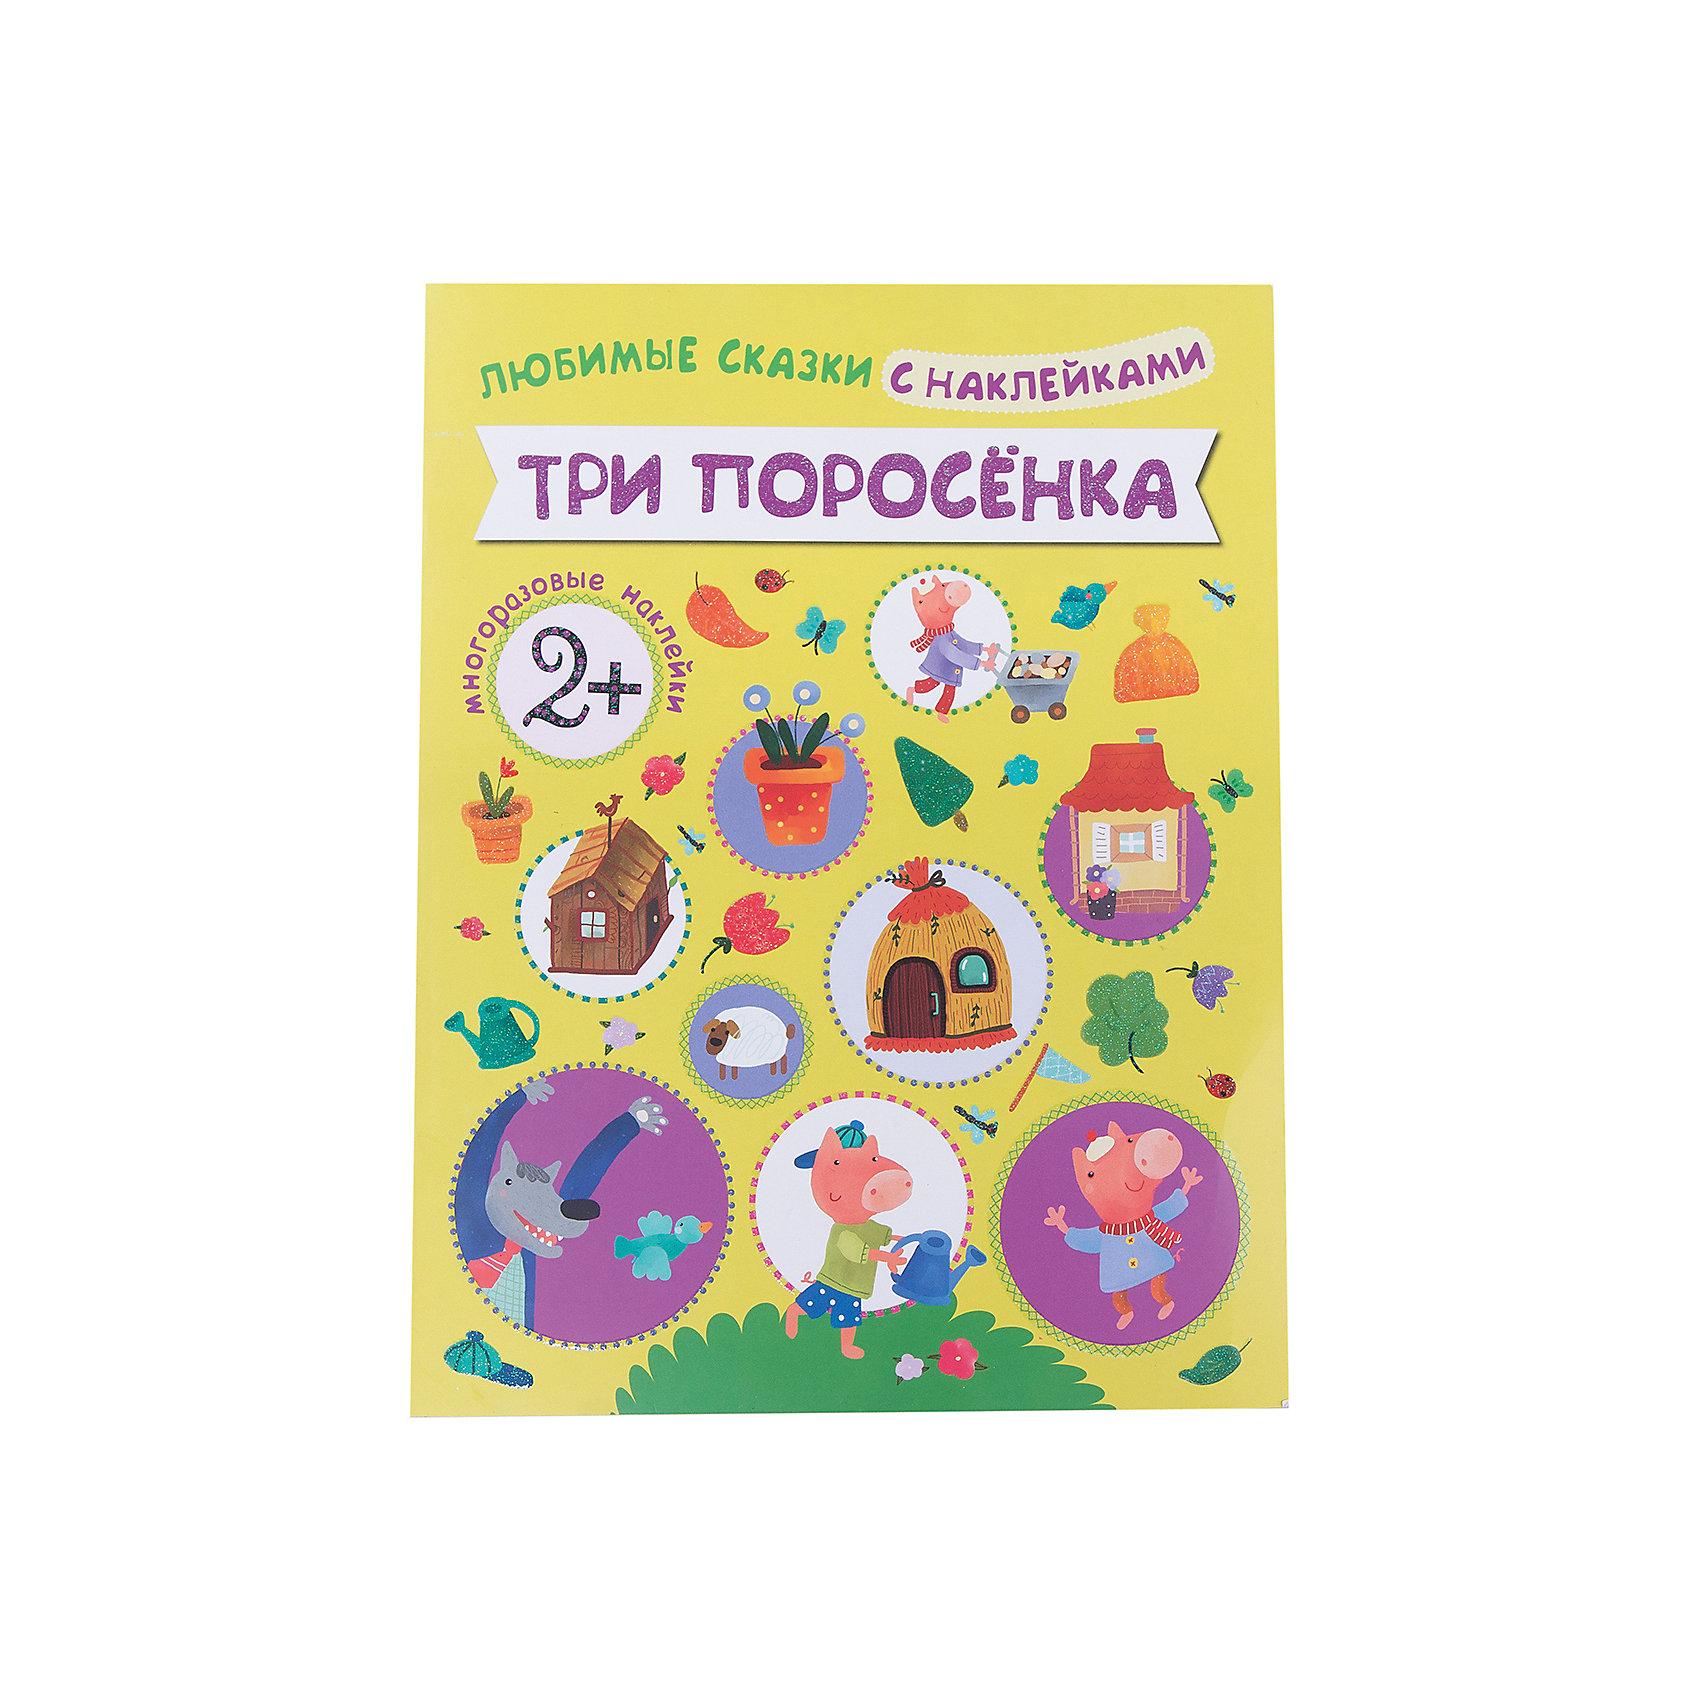 Три поросенка, Любимые сказки с наклейкамиКнига с многоразовыми наклейками «Три поросенка»  перенесет ребенка в волшебный мир любимой детской сказки.<br>Ваш малыш почувствует себя участником создания книги, помогая сказочным персонажам очутиться на нужных страницах, для этого ему надо вспомнить сюжет сказки  и правильно распределить нарядные наклейки по страничкам.<br>Задания в книге несложные, ребенок вполне может справиться с ними самостоятельно. Предоставьте малышу свободу действий - наклейки многоразовые, поэтому он может смело экспериментировать, не боясь ошибиться.<br><br>Ширина мм: 1<br>Глубина мм: 215<br>Высота мм: 281<br>Вес г: 80<br>Возраст от месяцев: 24<br>Возраст до месяцев: 60<br>Пол: Унисекс<br>Возраст: Детский<br>SKU: 5362866